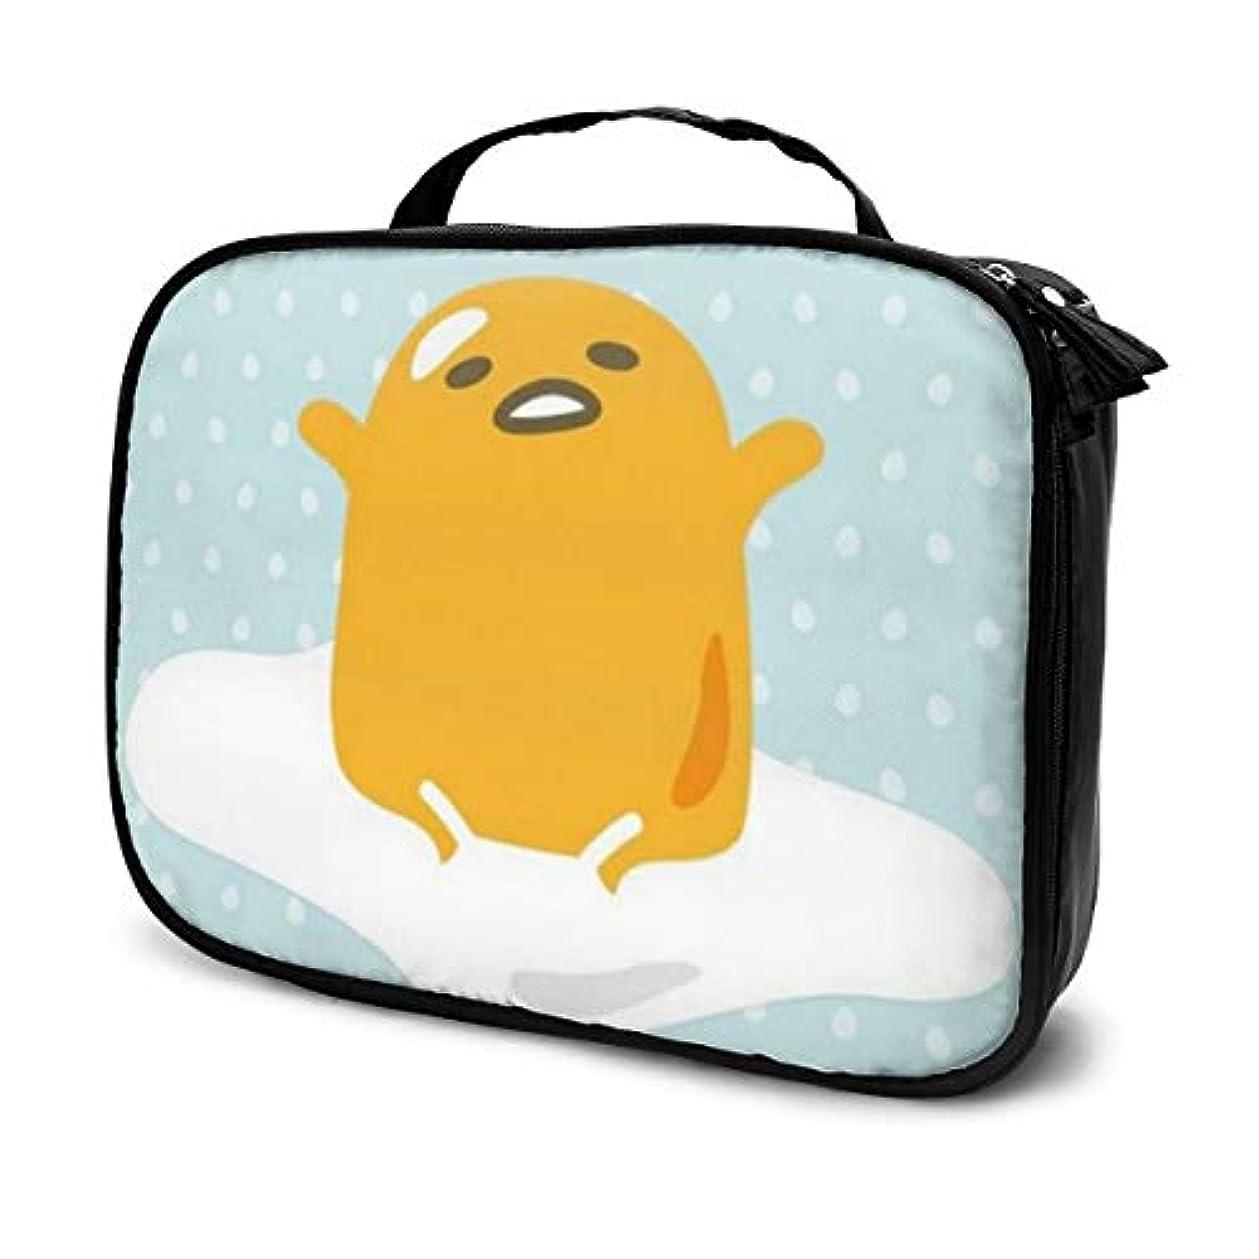 情報エチケット舗装ぐでたま 化粧ポーチ 化粧バッグ メイクボックス コスメバック 化粧箱 大容量 機能的 便携式 收納抜群 プロ用 旅行 家用